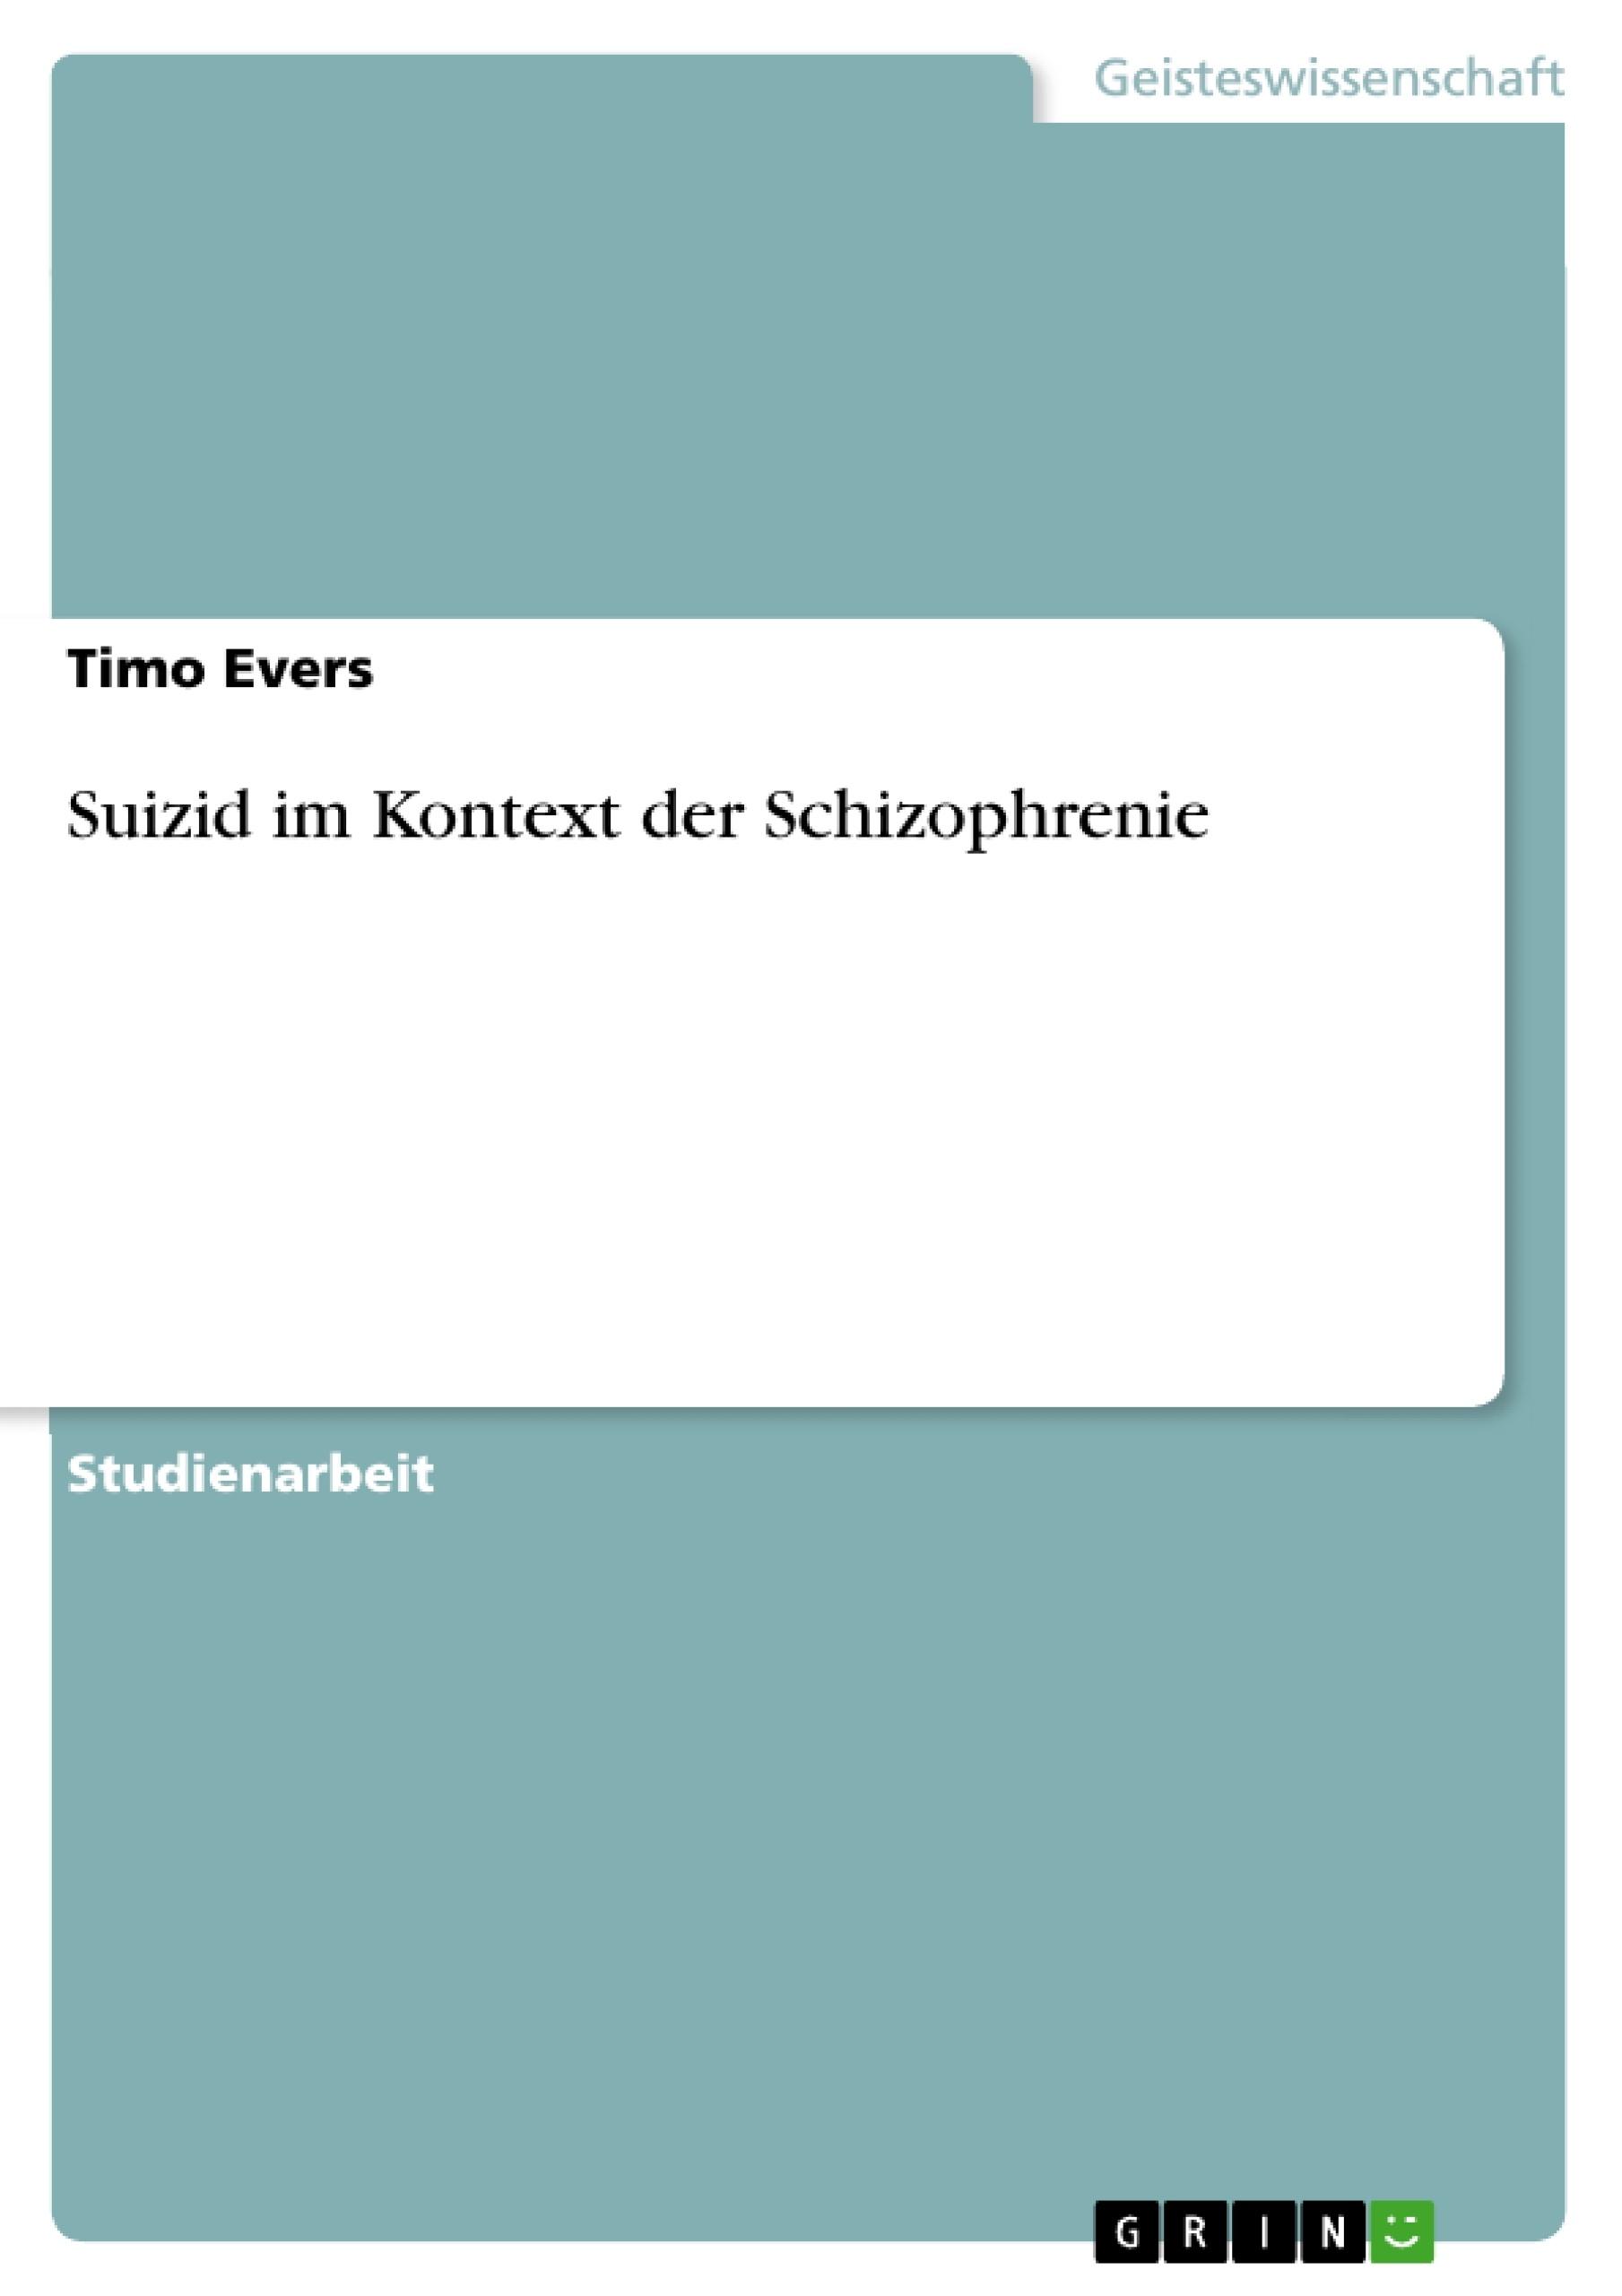 Titel: Suizid im Kontext der Schizophrenie